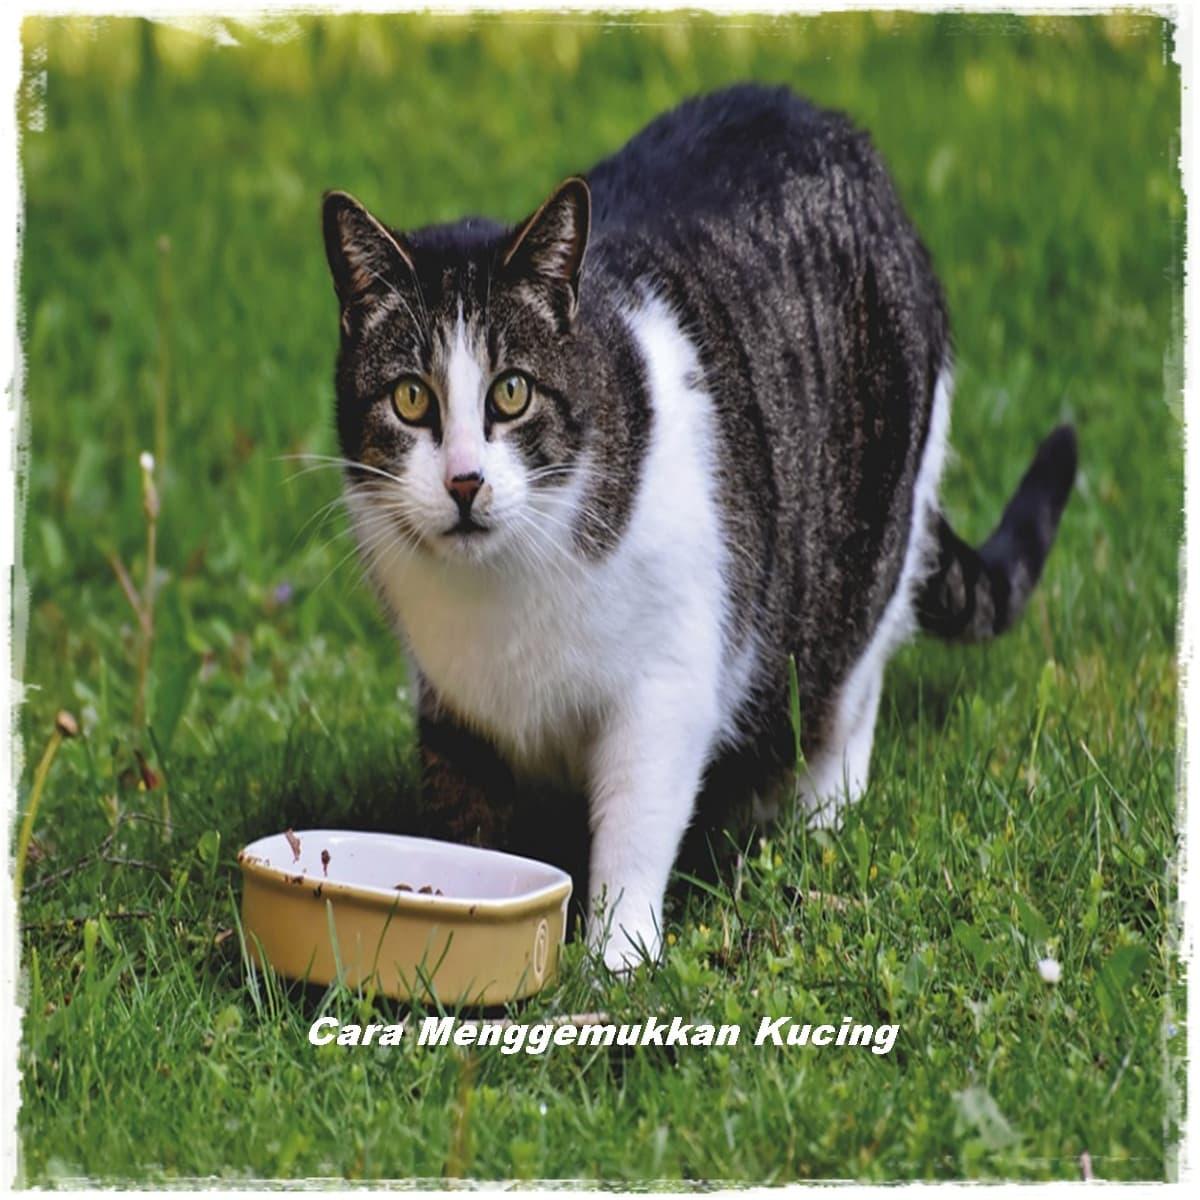 Cara Menggemukkan Kucing Kampung Dengan Makanan Ini